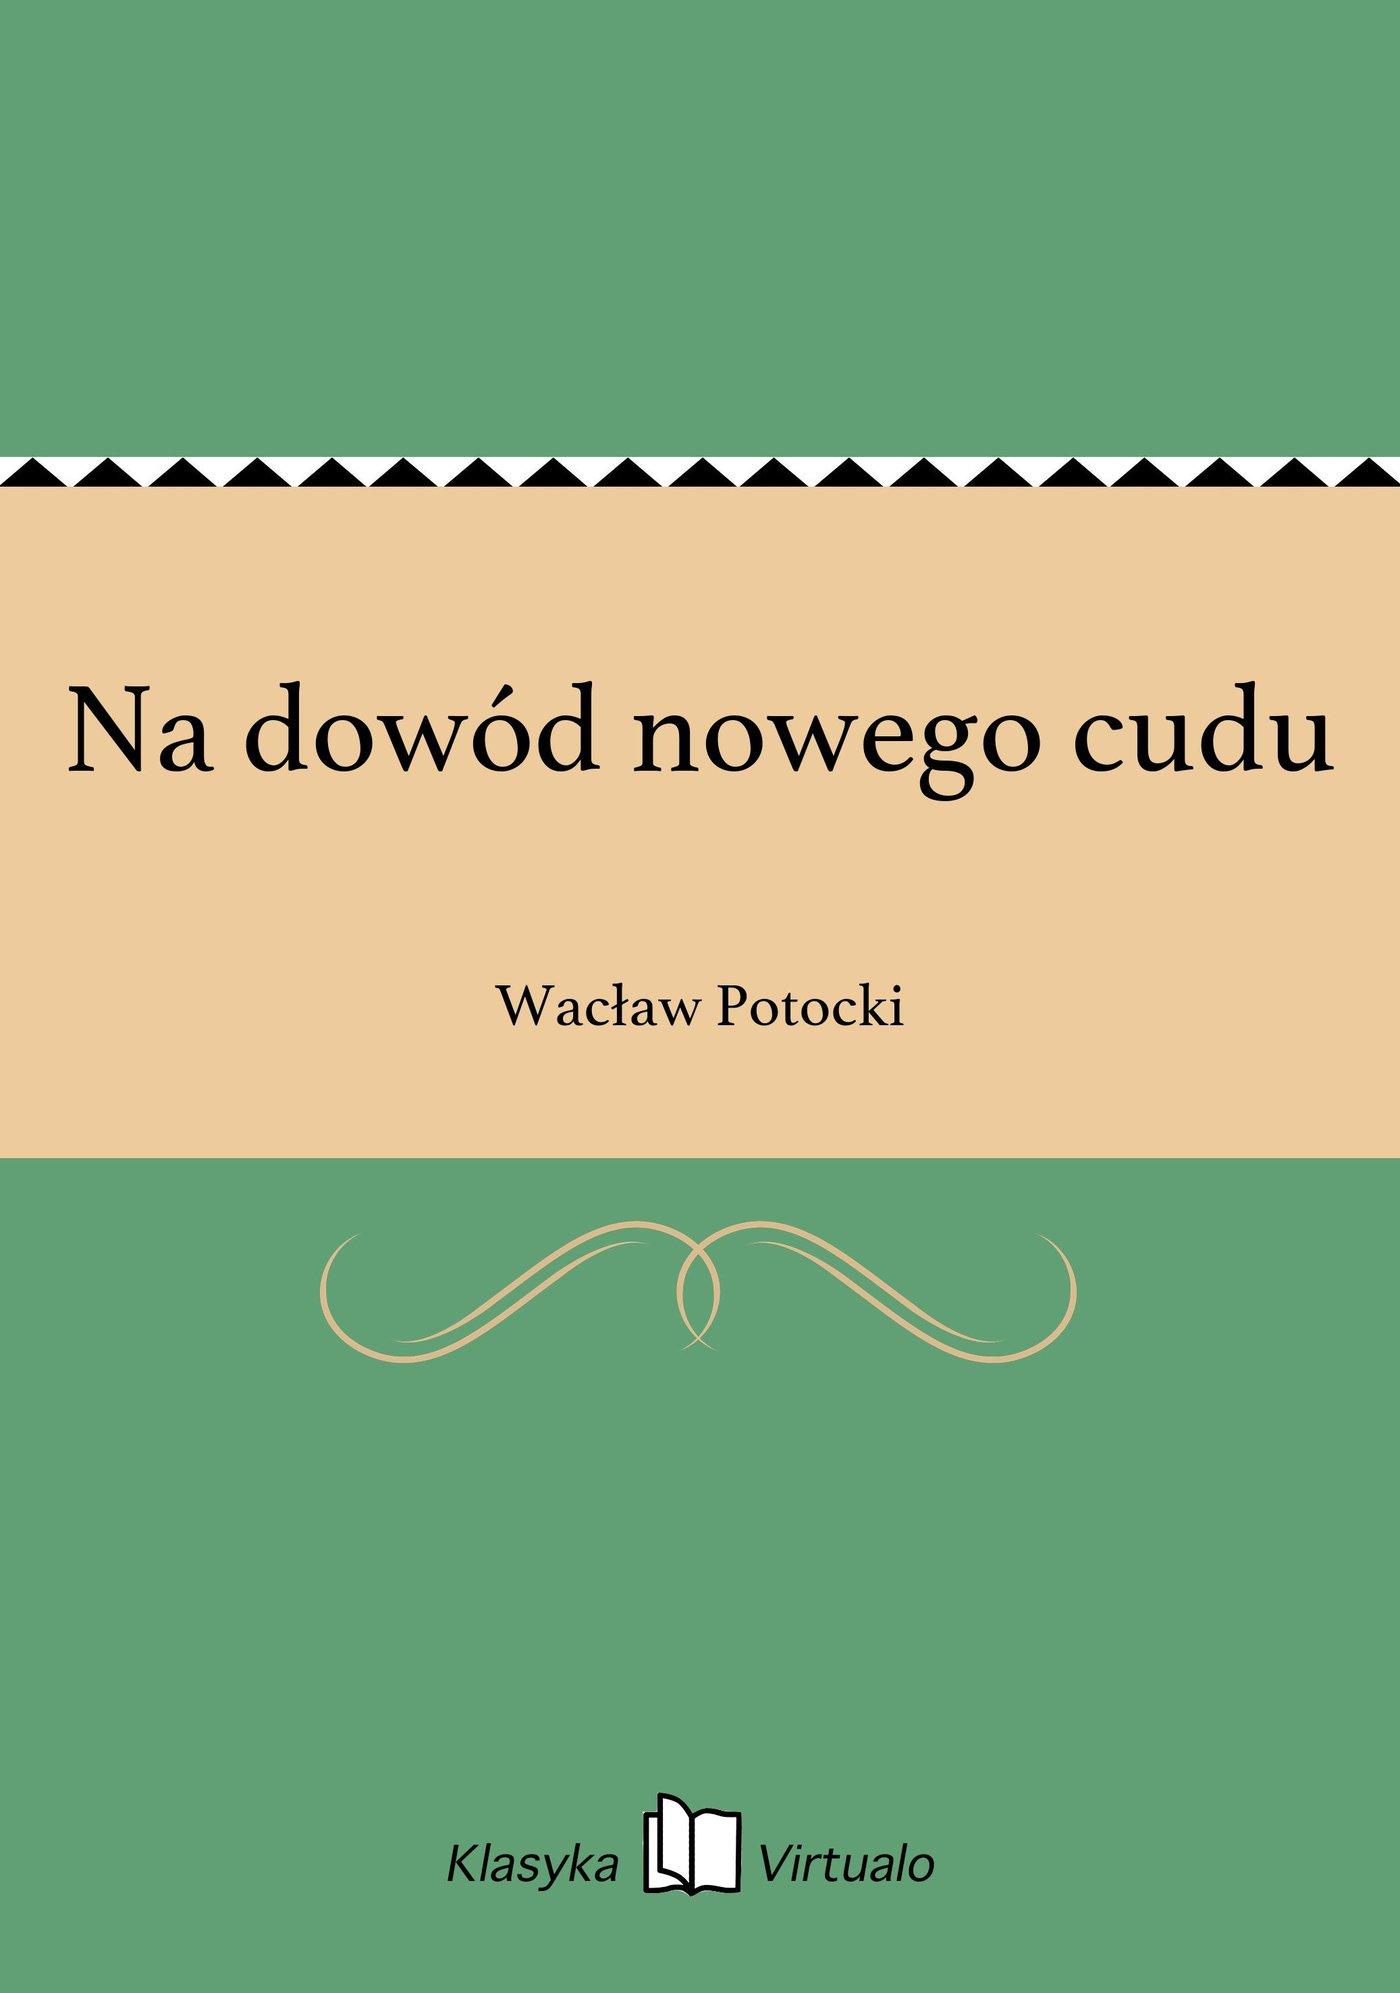 Na dowód nowego cudu - Ebook (Książka EPUB) do pobrania w formacie EPUB